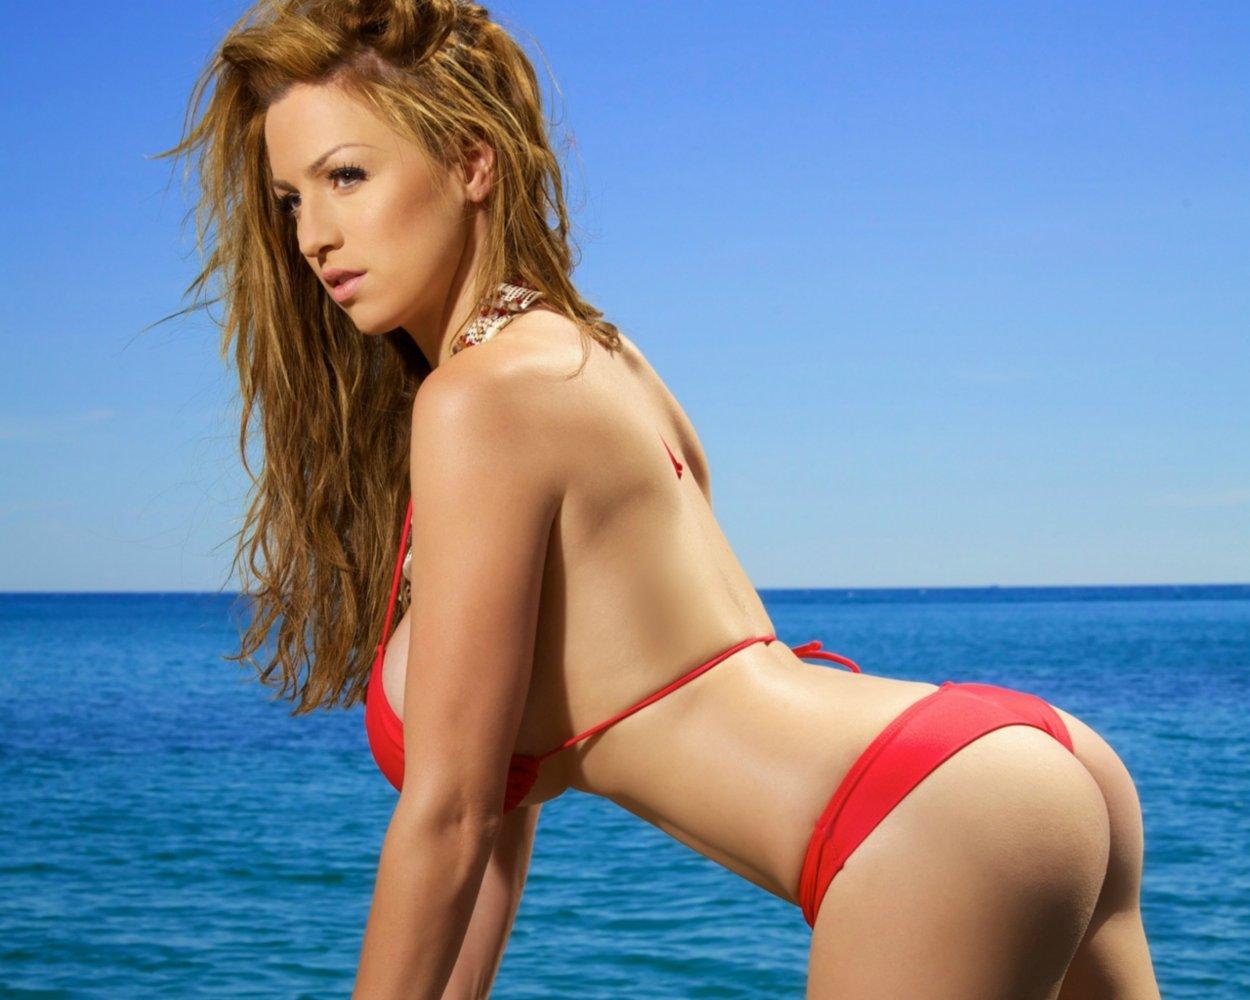 Красивые рыжие девушки в купальниках: жаркие фото 7